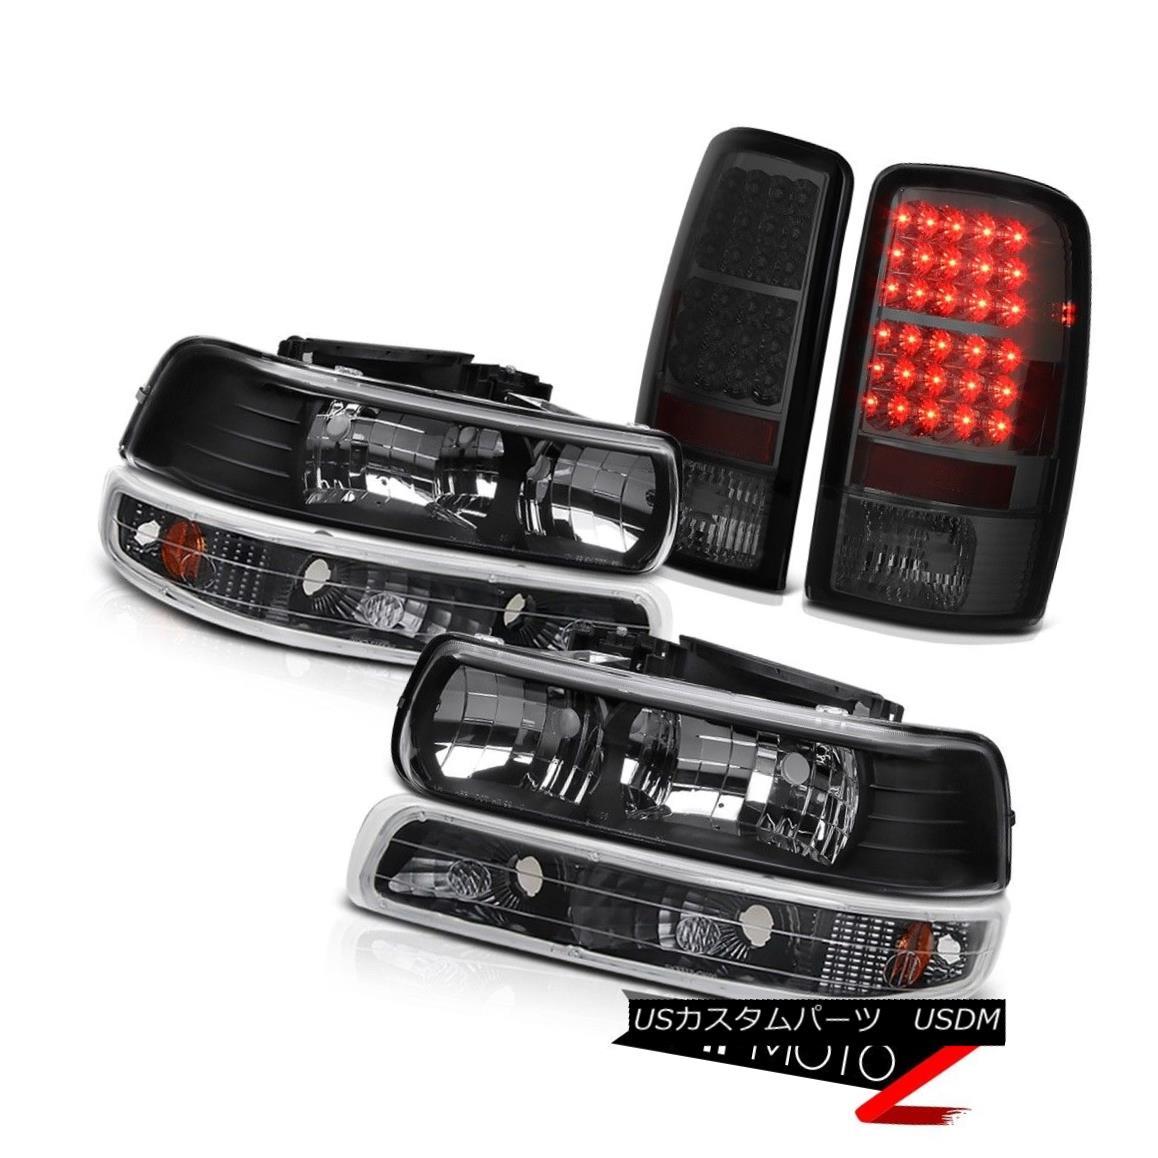 ヘッドライト 2001-2006 Tahoe Z71 Clear/Black Headlight Matte Black Signal Smoked LED Taillamp 2001-2006タホZ71クリア/ブラックヘッドライトマットブラック信号スモークLEDタイルランプ